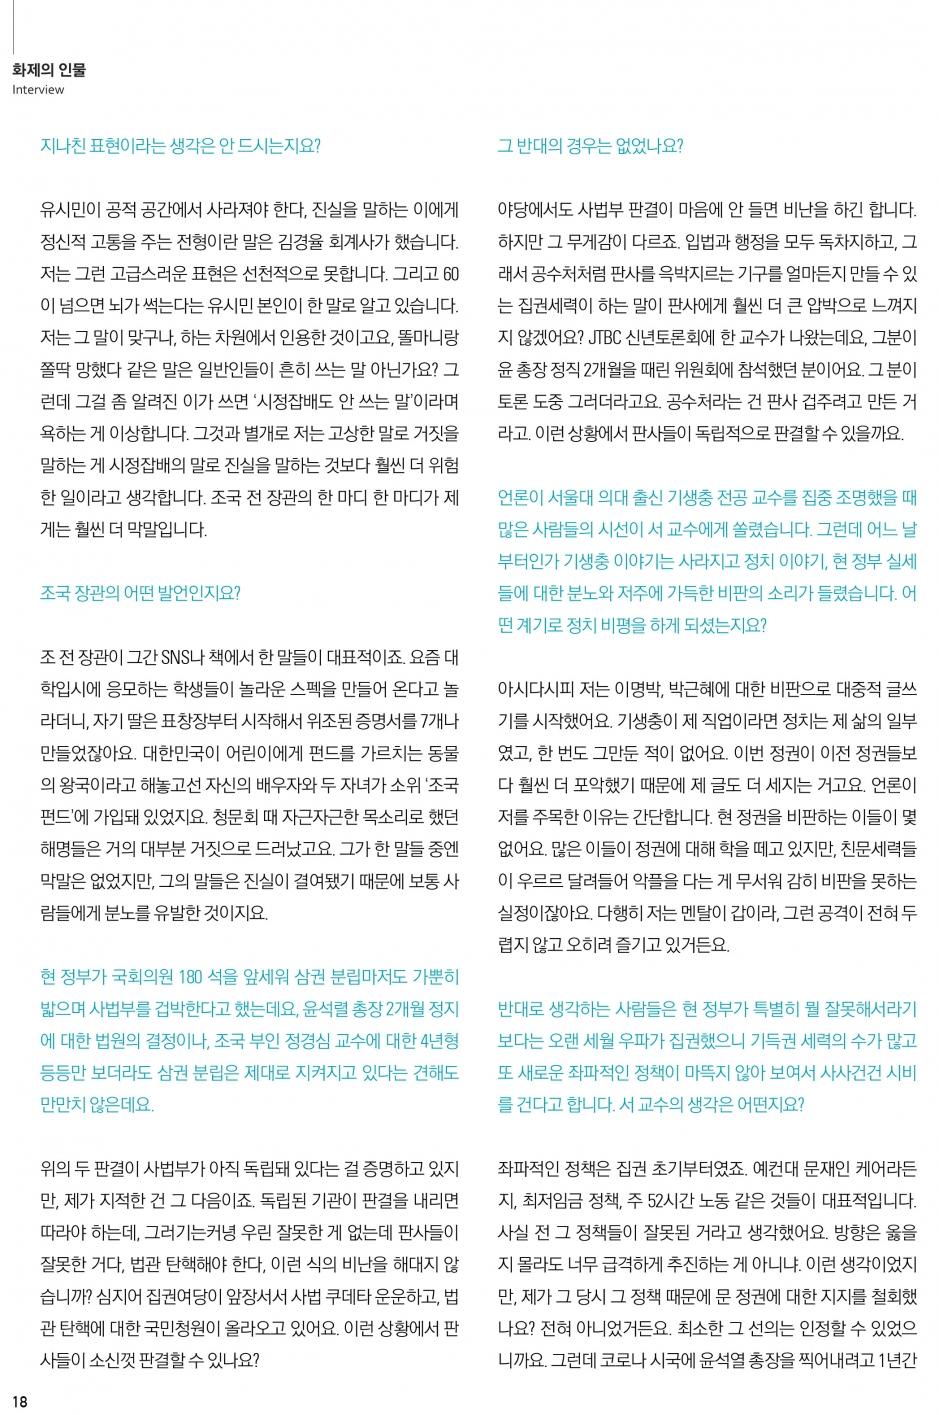 선농문화포럼_낱장-18.jpg